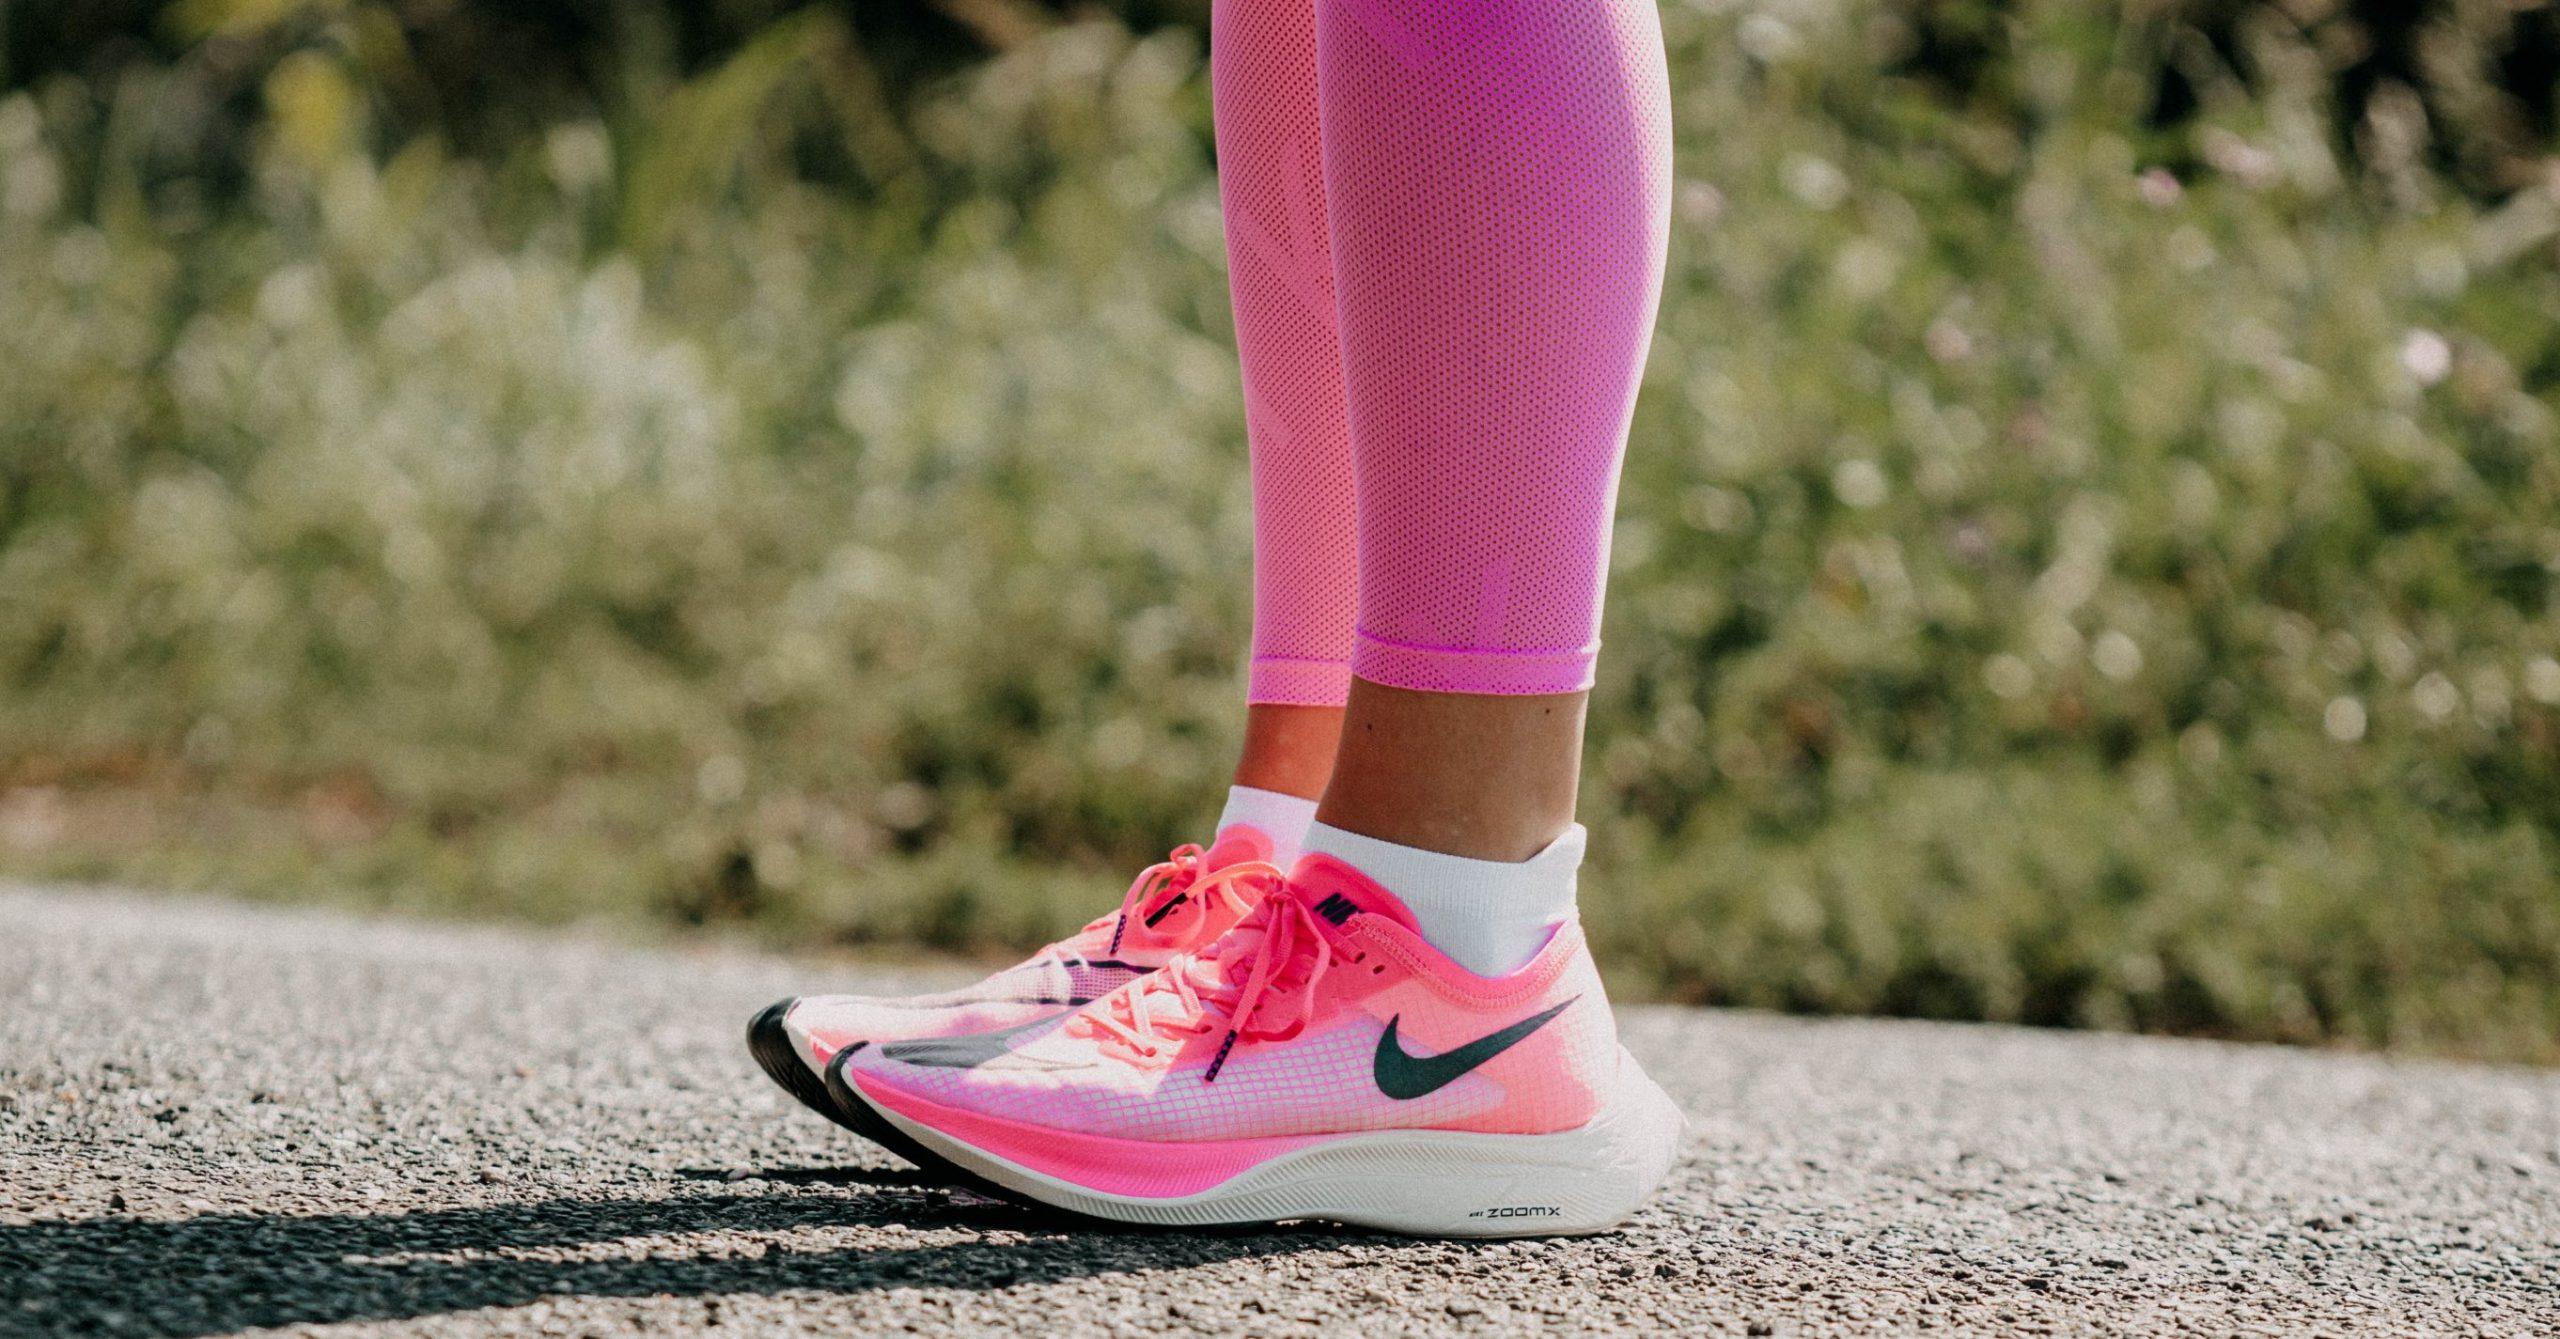 Mach dein Leben pinker mit dem neuen Nike Vaporfly Next %